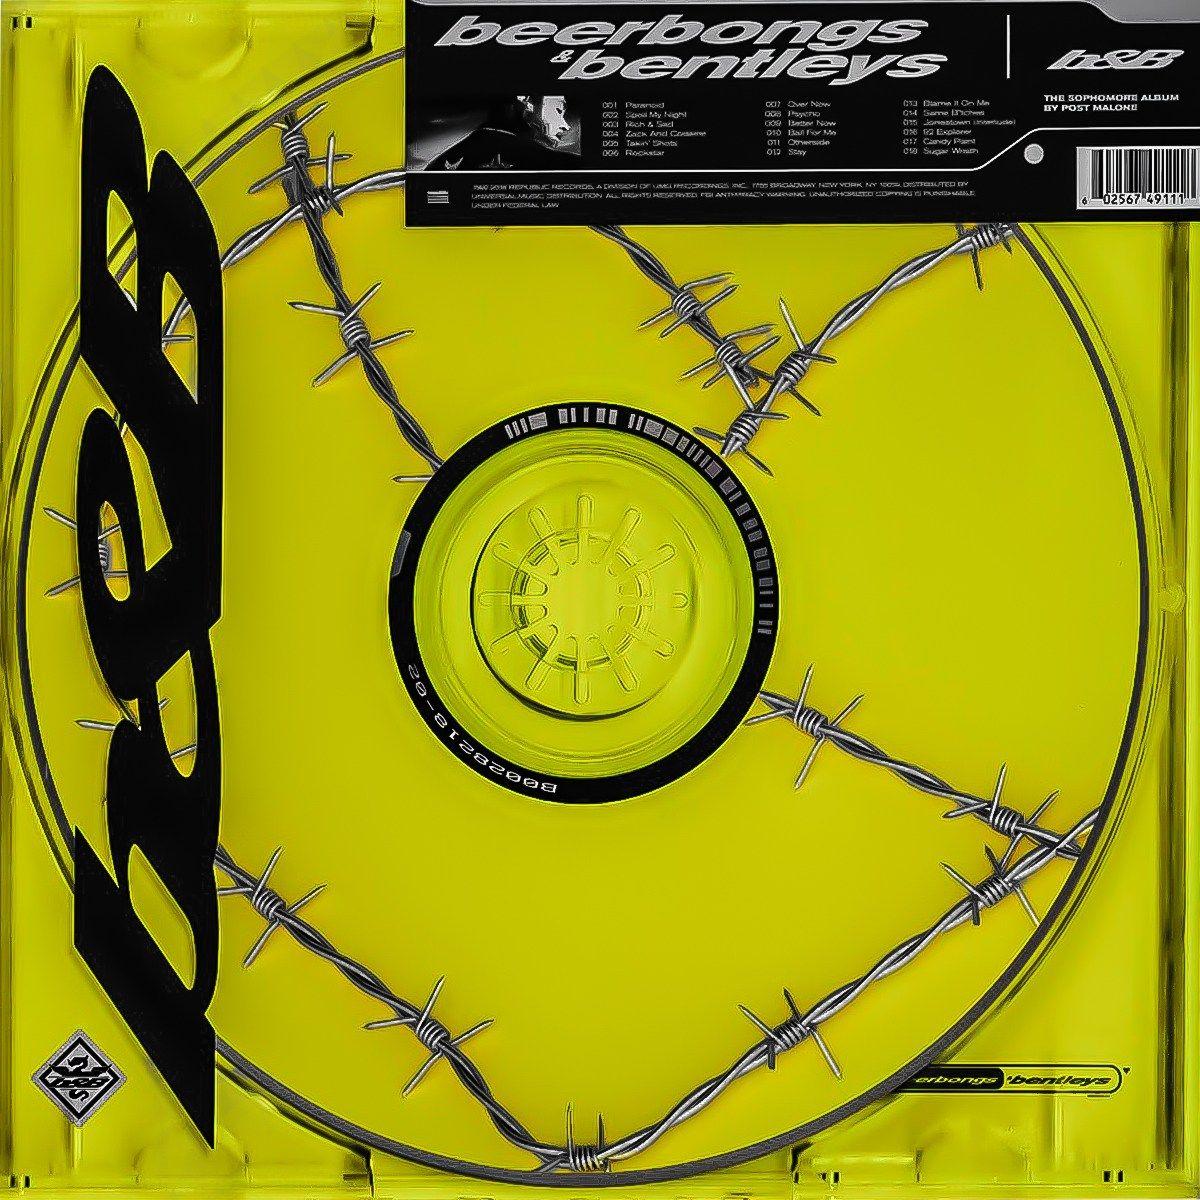 Download Post Malone Better Now Mp3 Mp4 Hitnaija Com Music Album Cover Rap Album Covers Post Malone Album